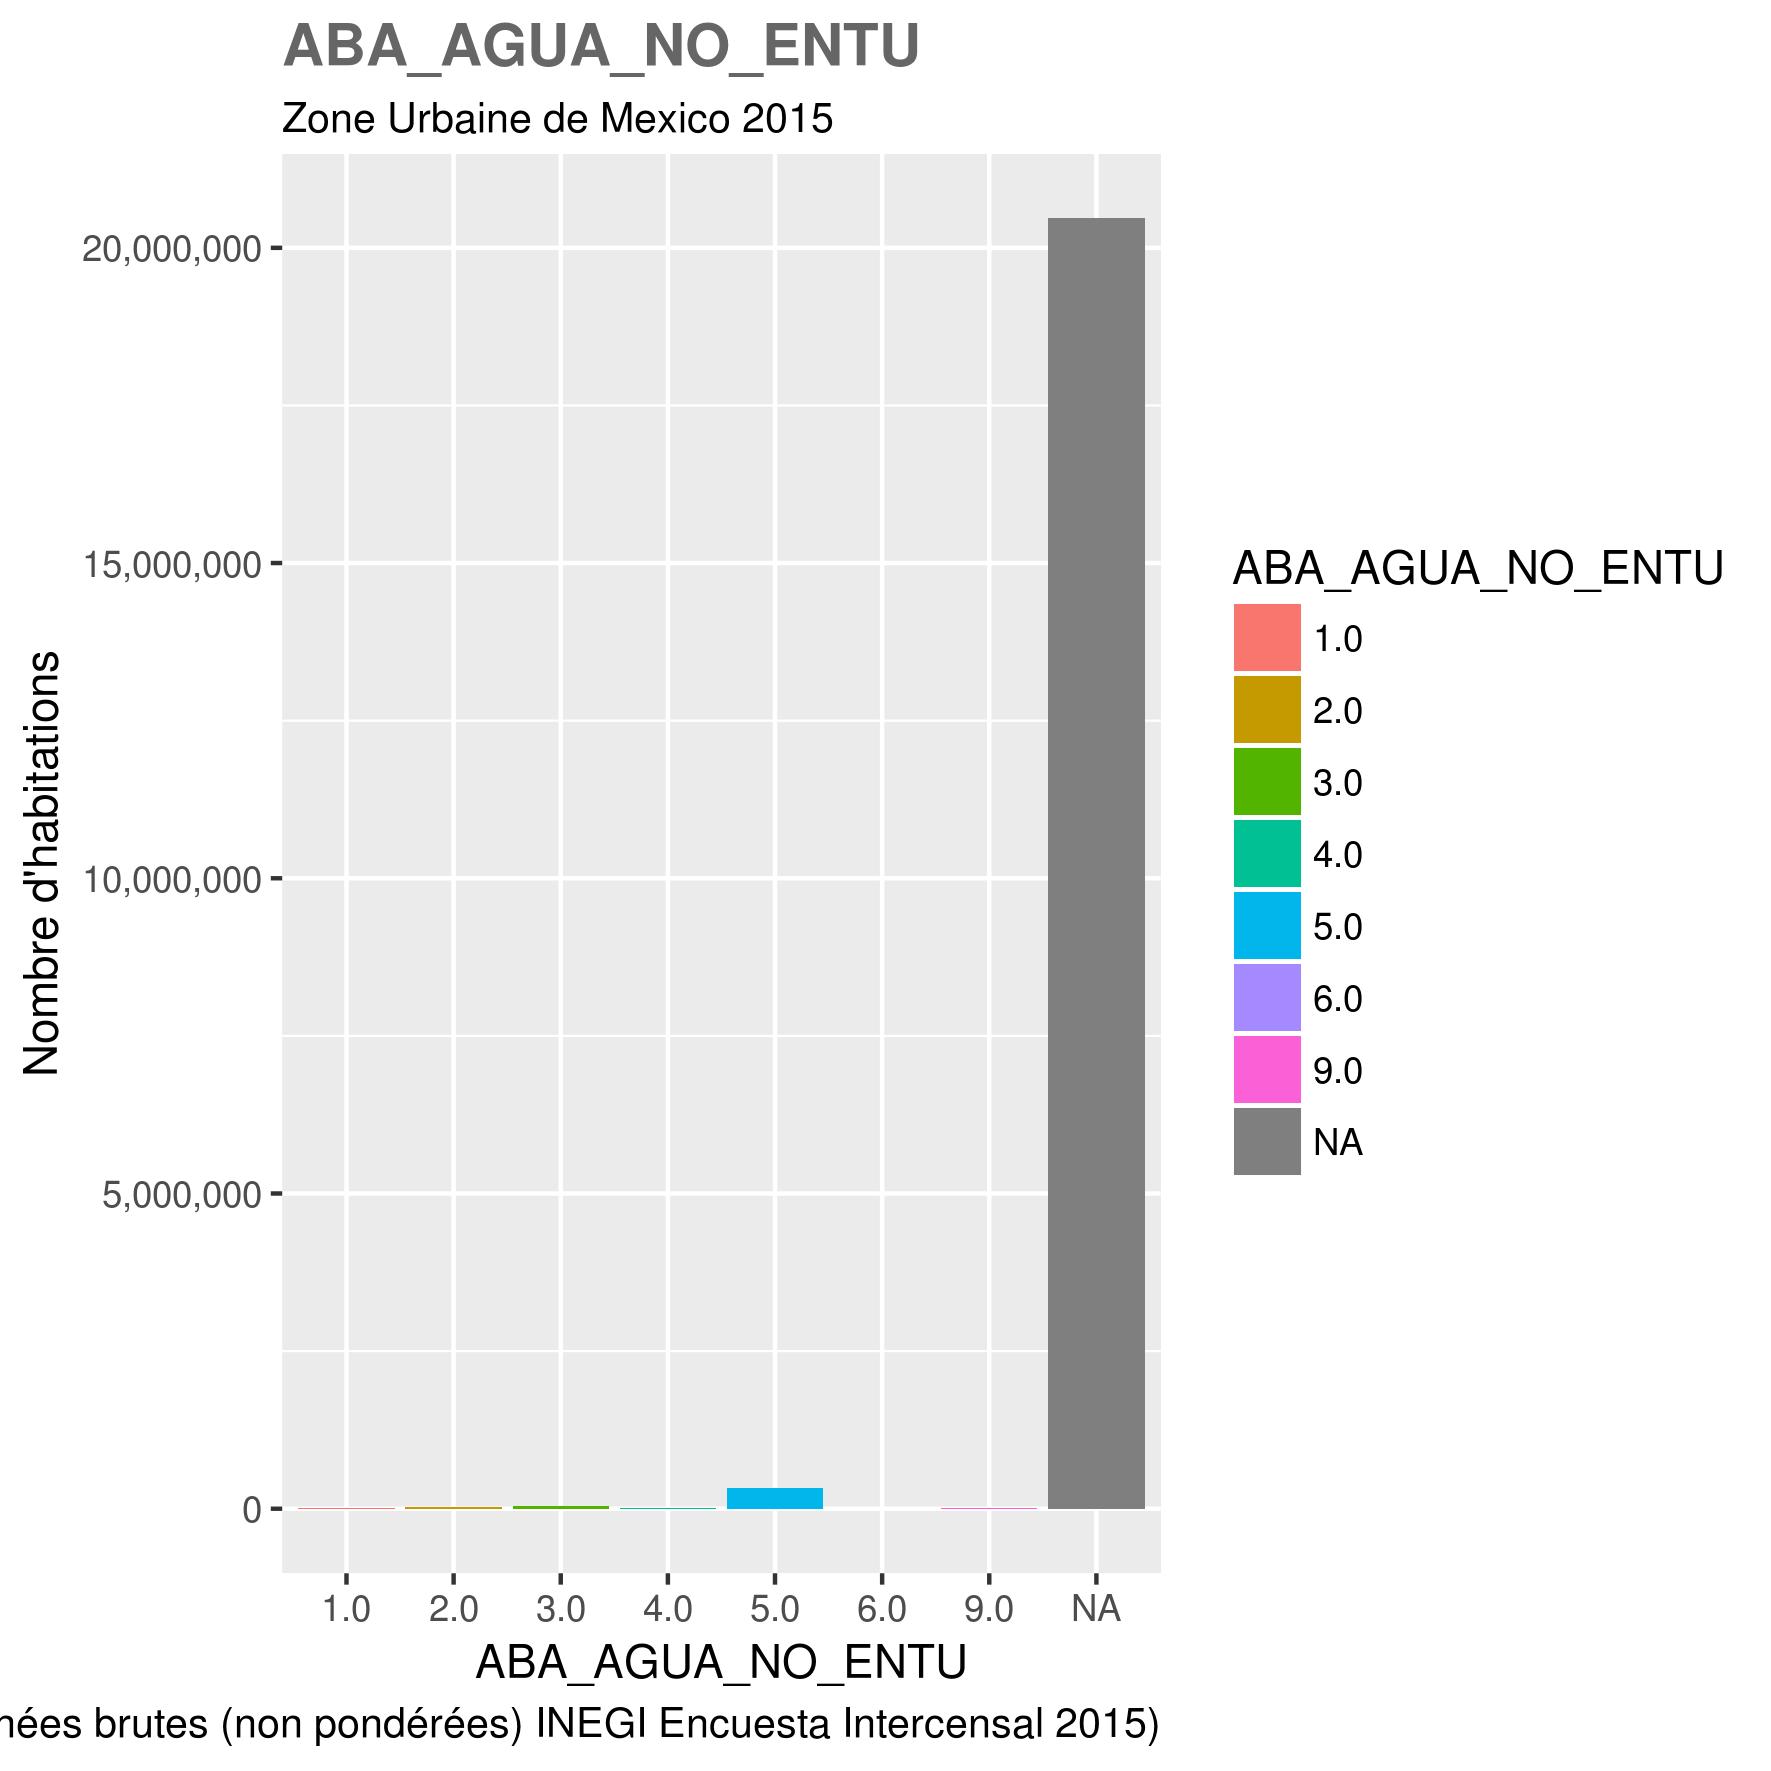 docs/images/ZUM_toutes_variables/2015_ZUM_ABA_AGUA_NO_ENTU.png